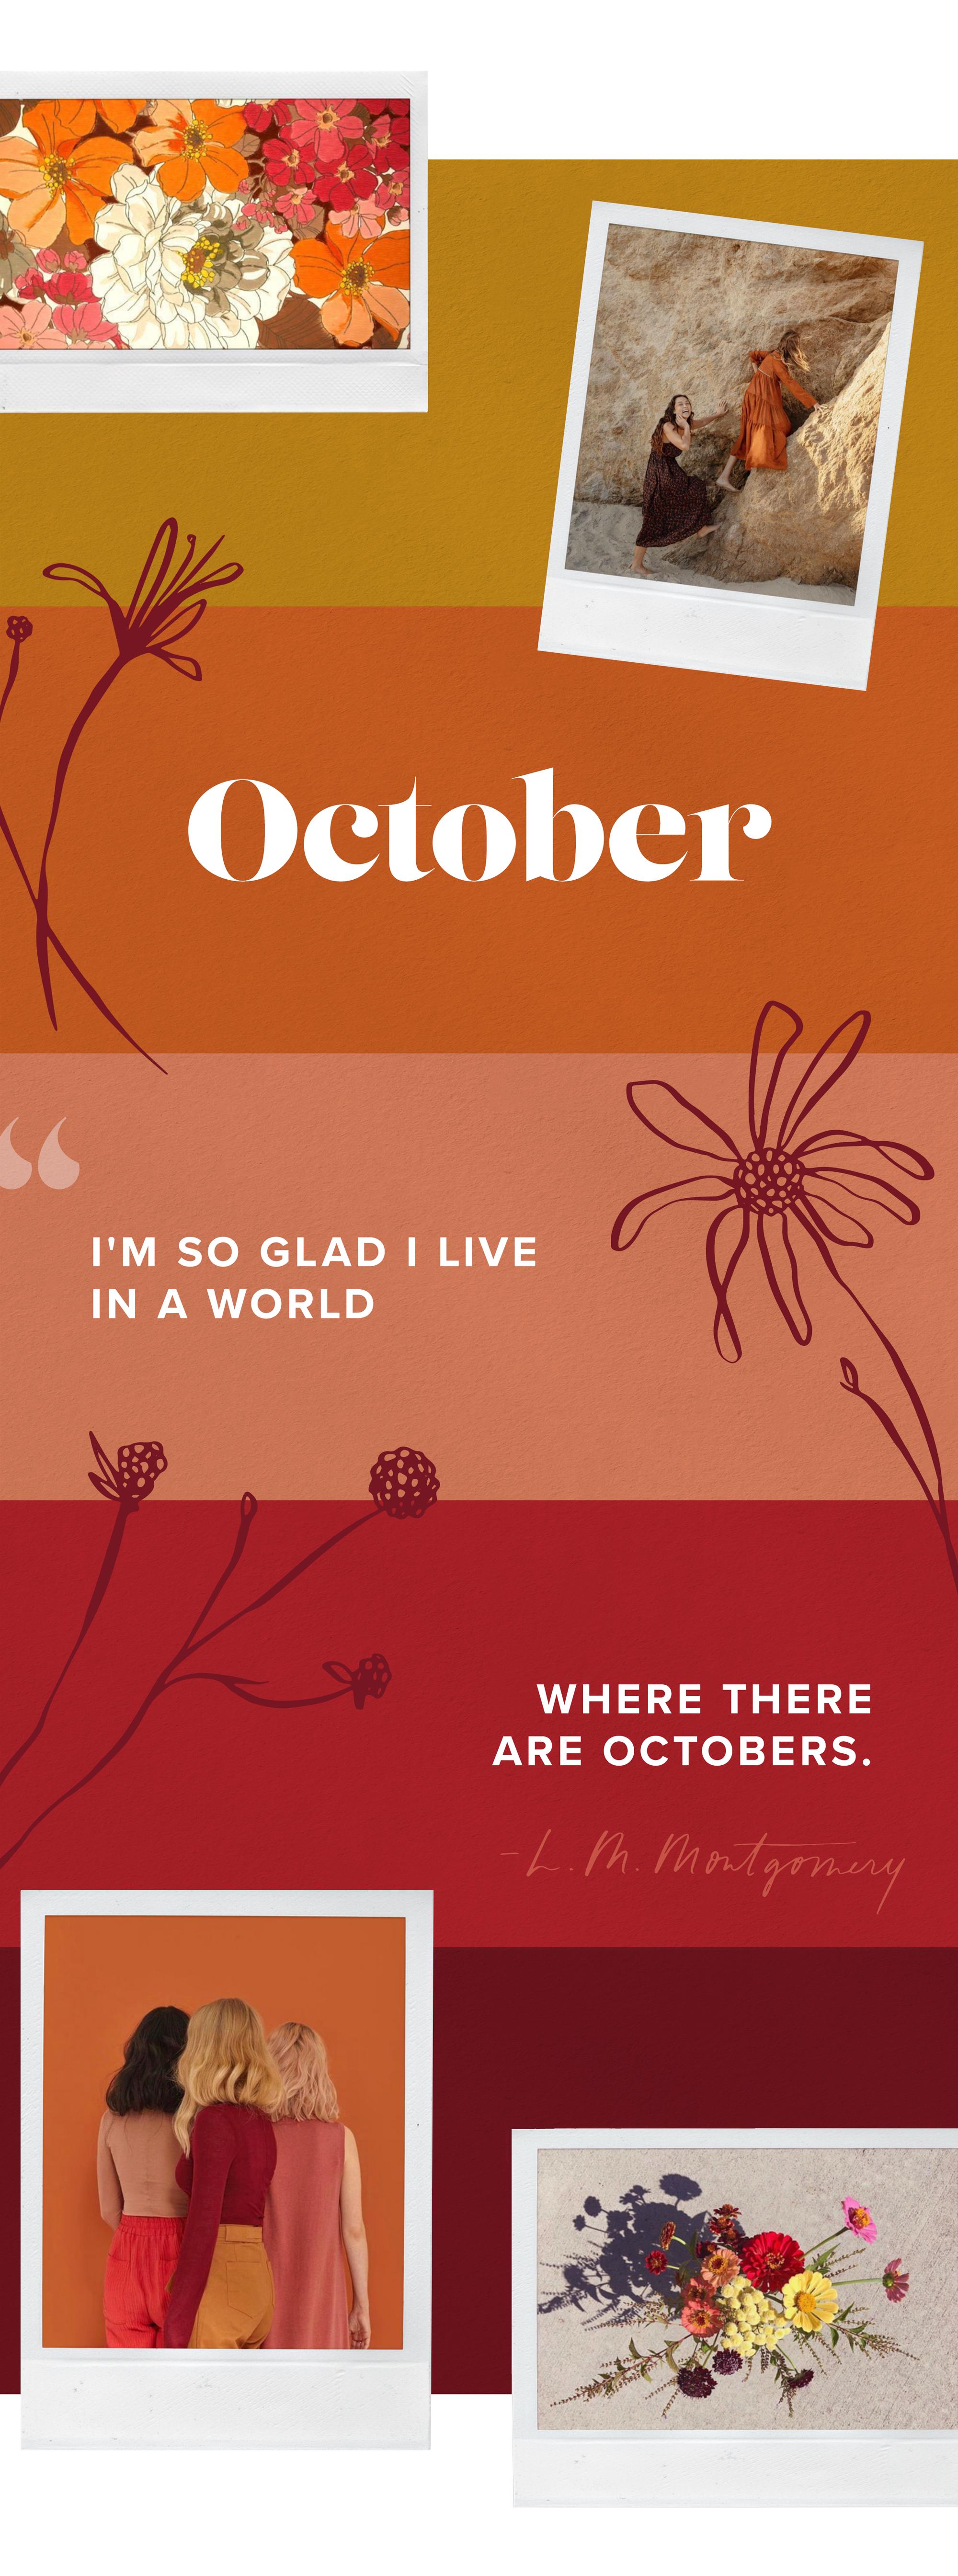 Haley-Grand-Brand-Design-October.png